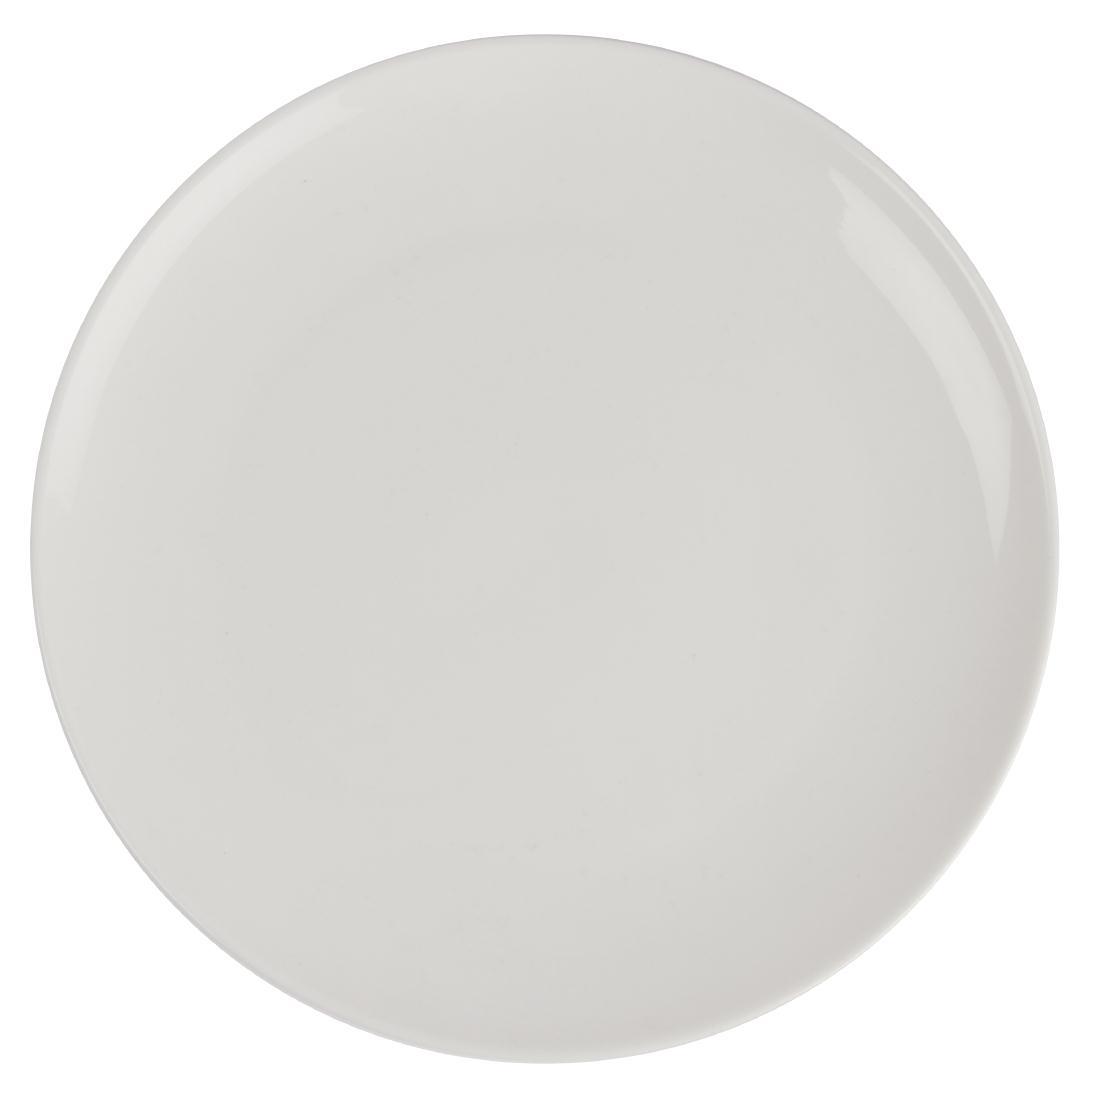 Assiettes rondes Lumina 152mm par 6